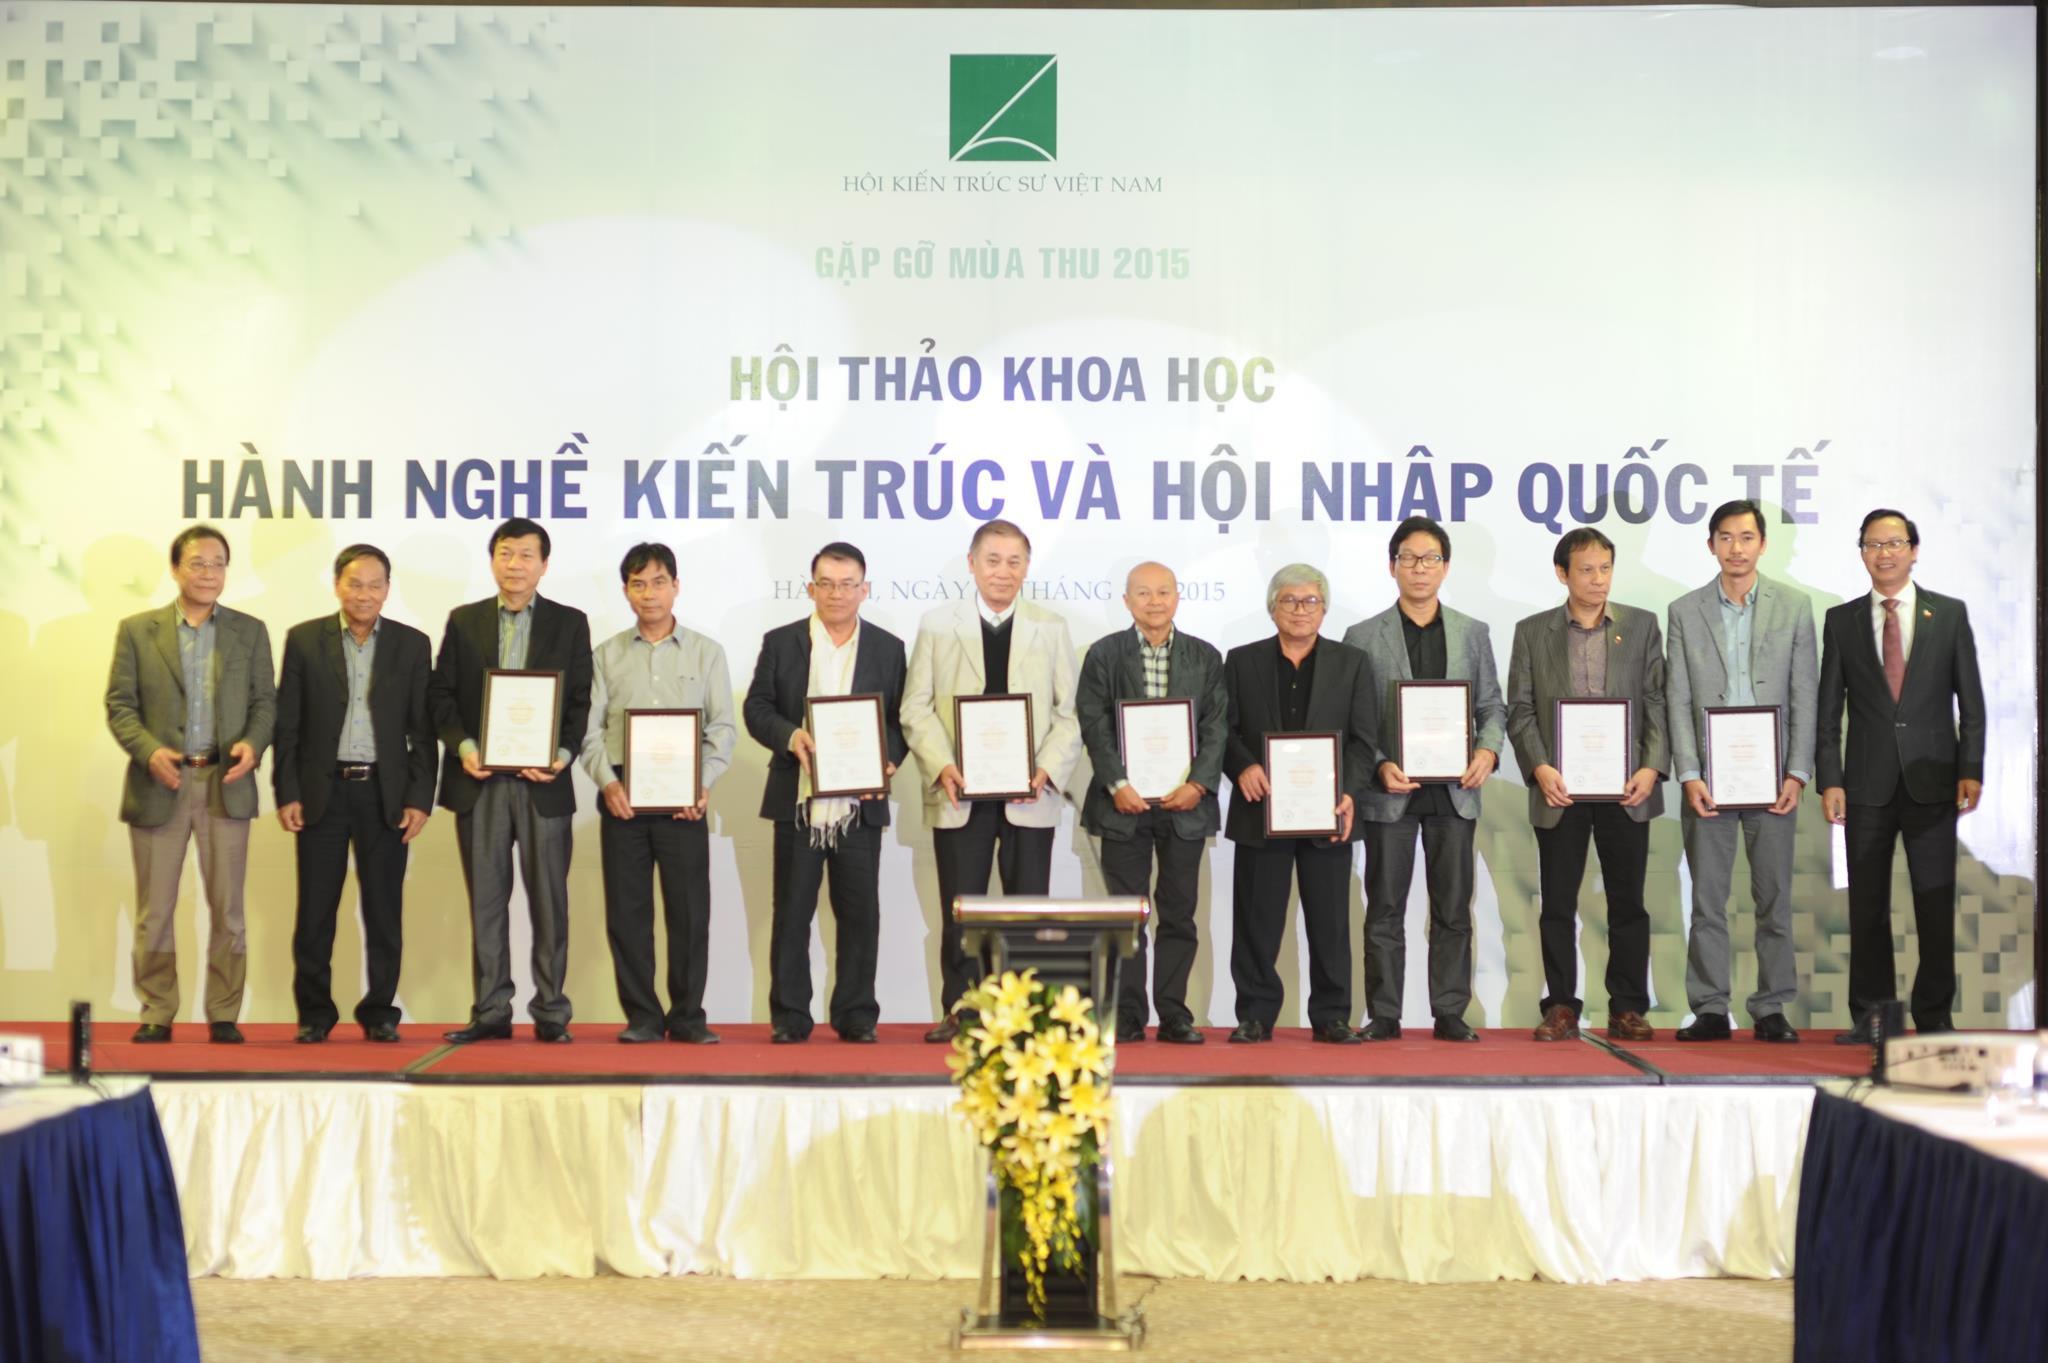 Những KTS đầu tiên tại Việt Nam nhận chứng chỉ KTS Asean ngày 28-11-2015 tại chương trình Gặp gỡ mùa thu 2015 do Hội KTS Việt Nam tổ chức